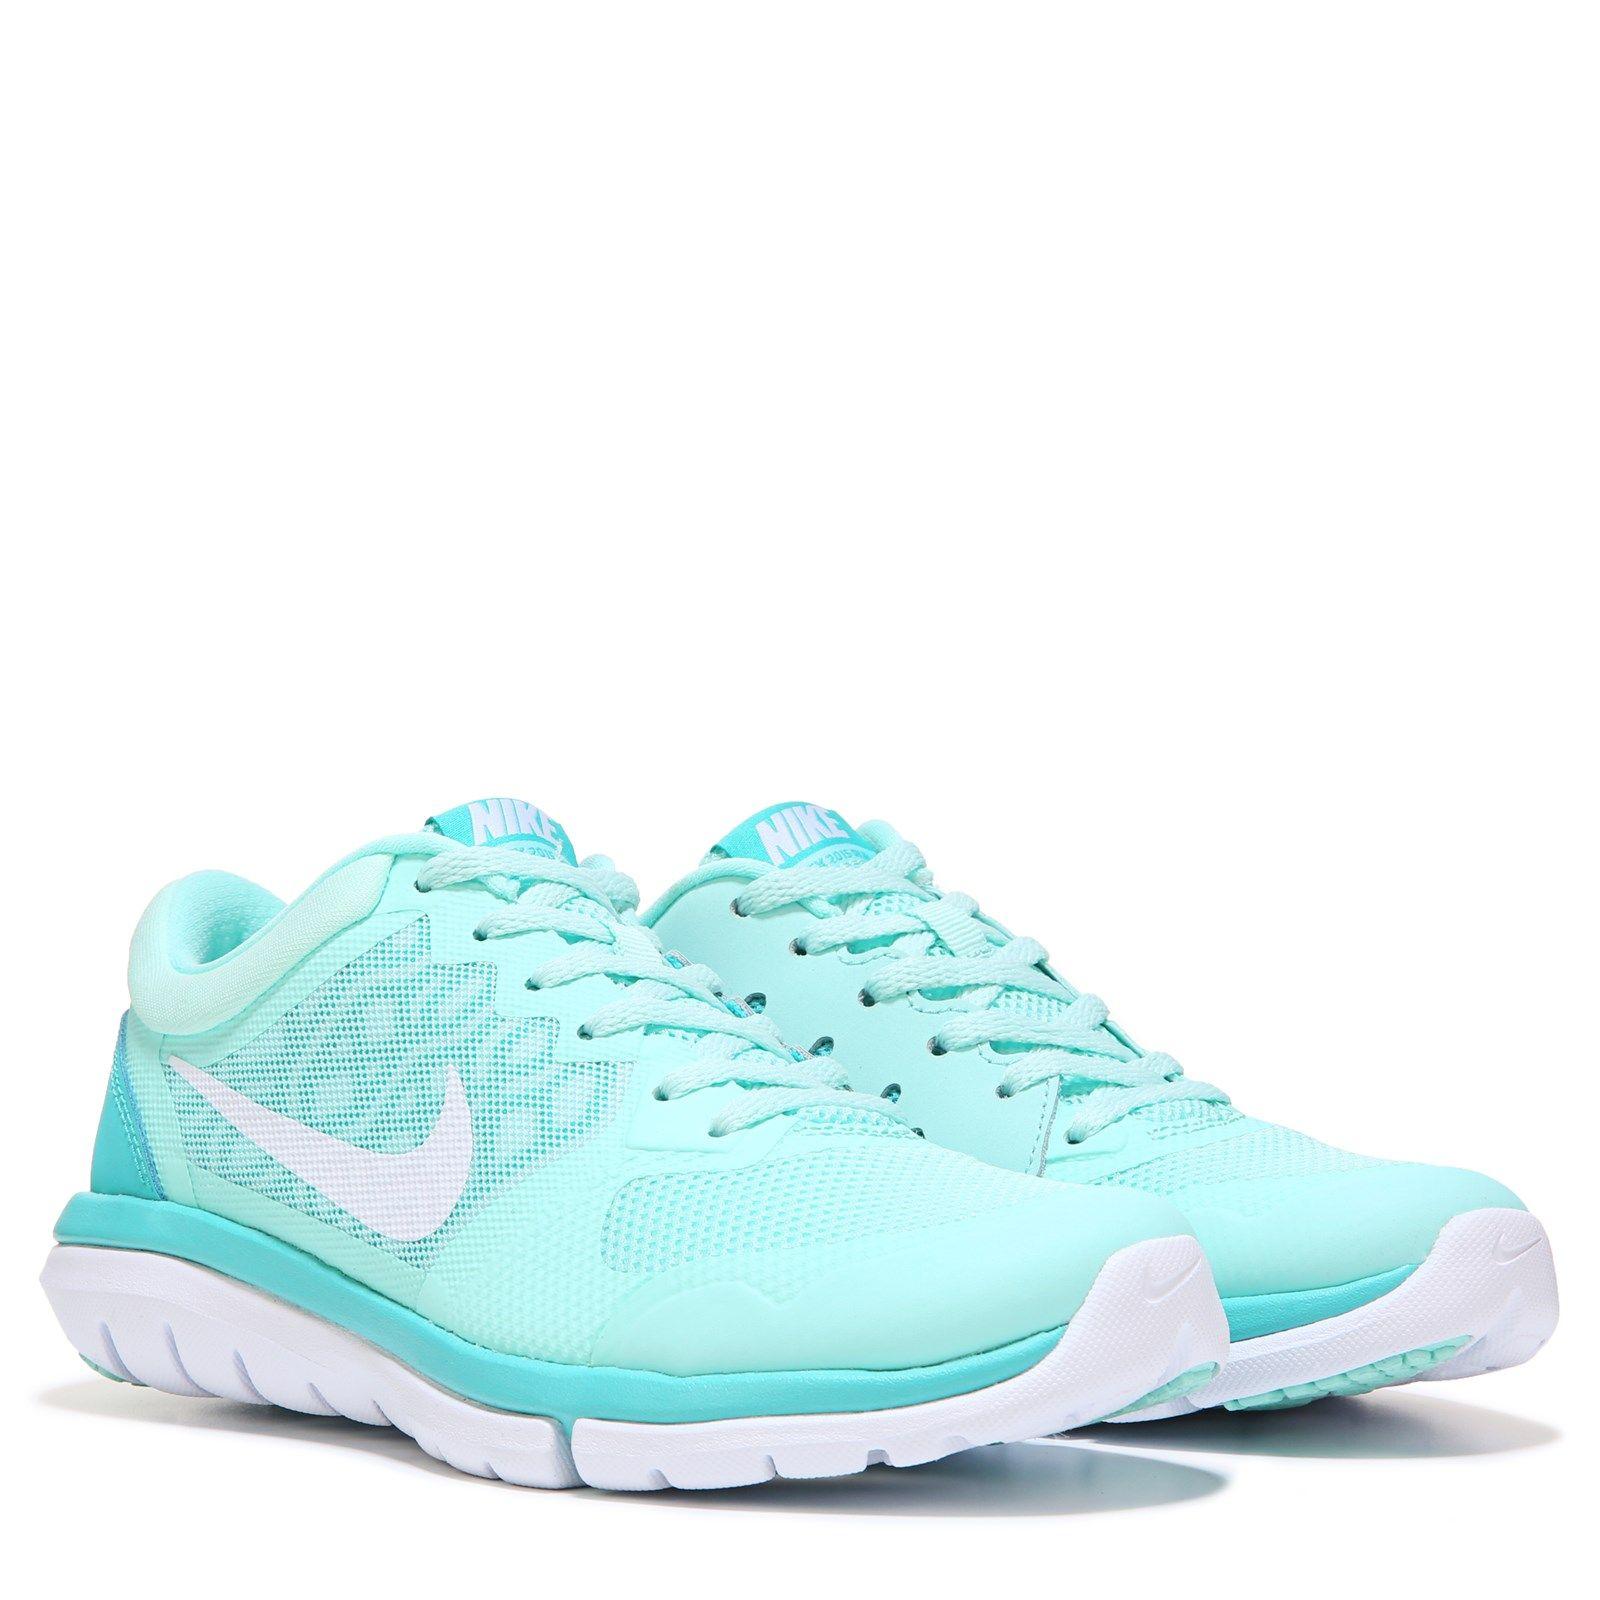 Nike Flex 2015 RN Running Shoe Artisan Teal/White